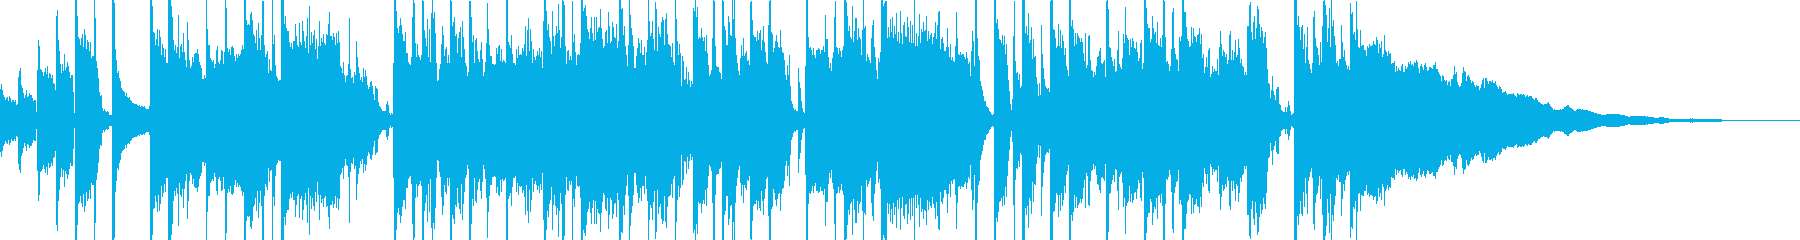 オシャレ エレキギター ジングル30秒の再生済みの波形